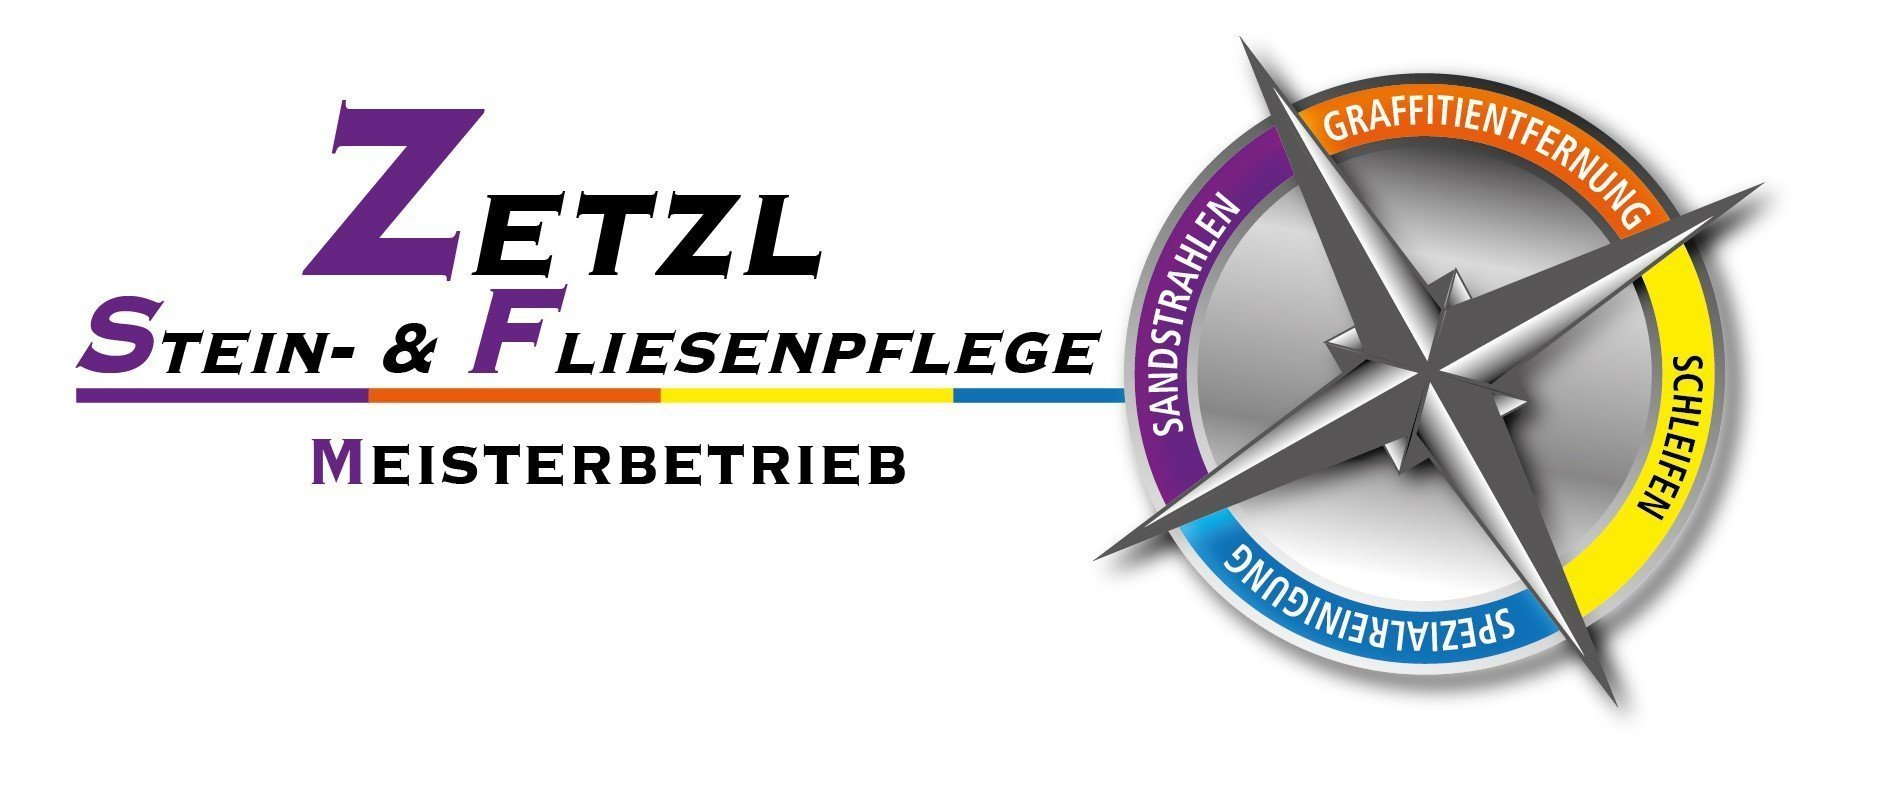 Reinigungsservice in Kempten 8 zetzl stein fliesenpflege meisterbetrieb logo